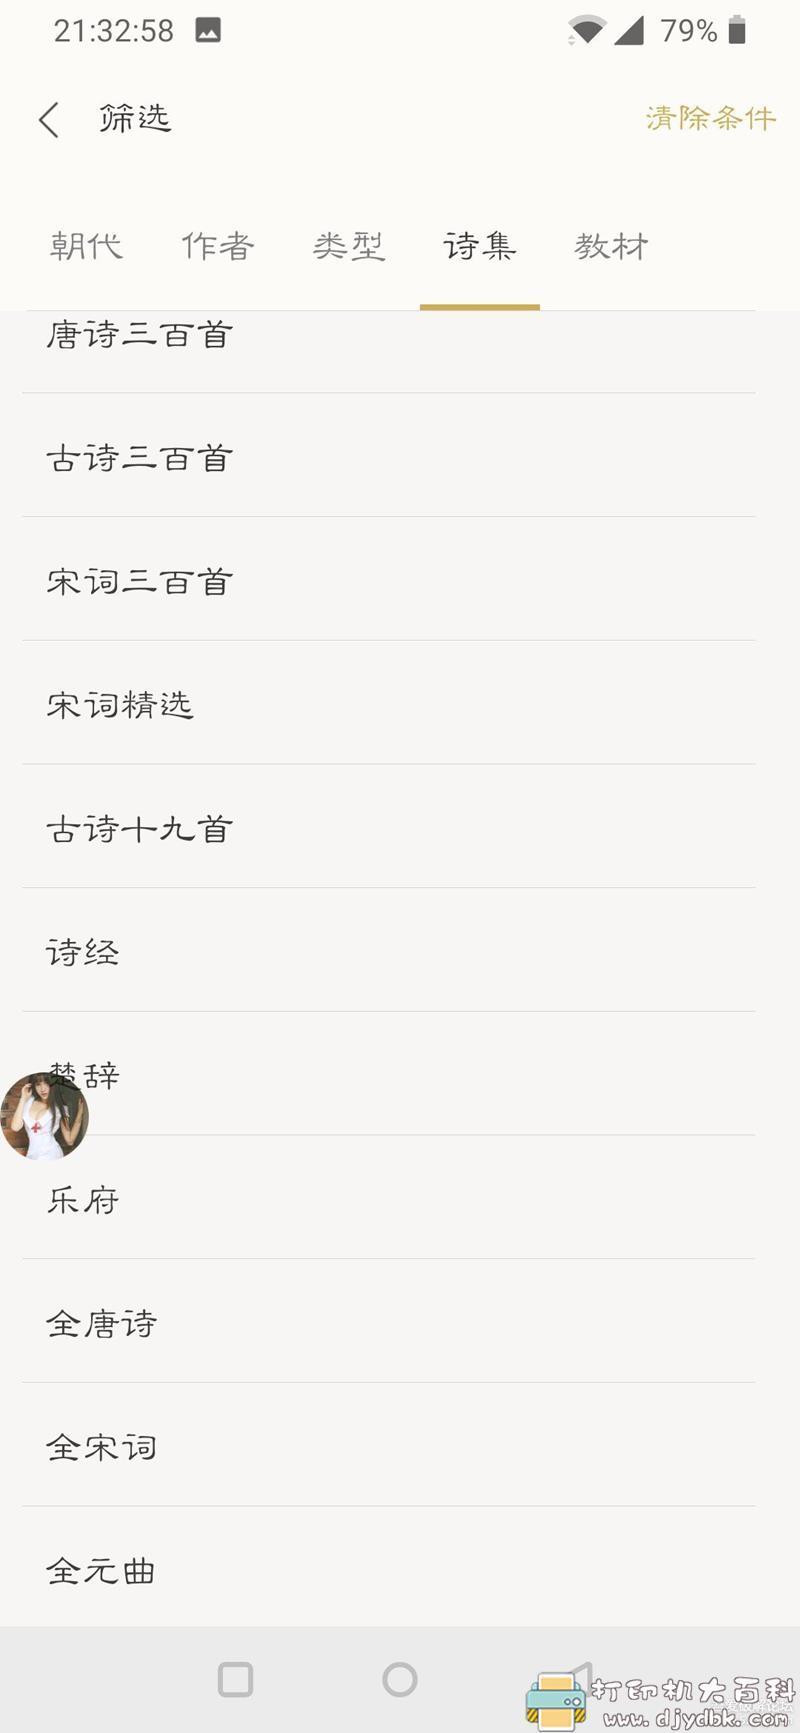 [Android]古诗词典 3.5.6,学生党学诗词辅助工具 配图 No.2